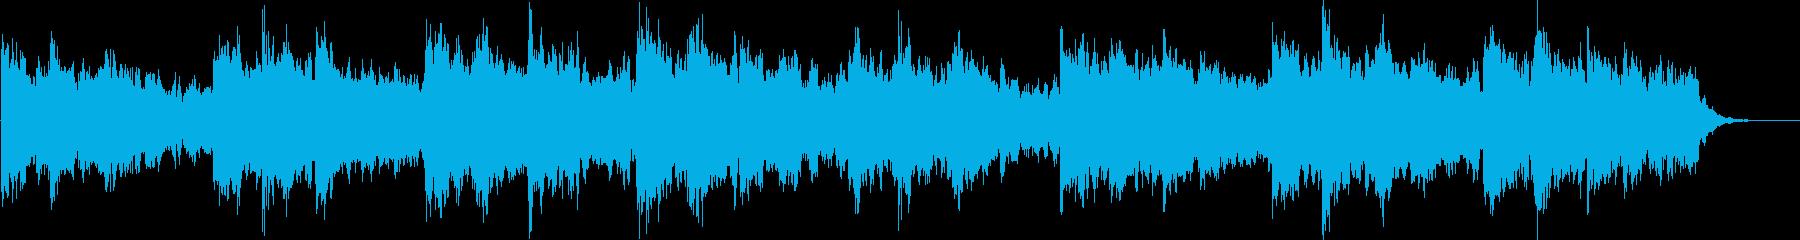 長めPAD系ループBPM120の再生済みの波形